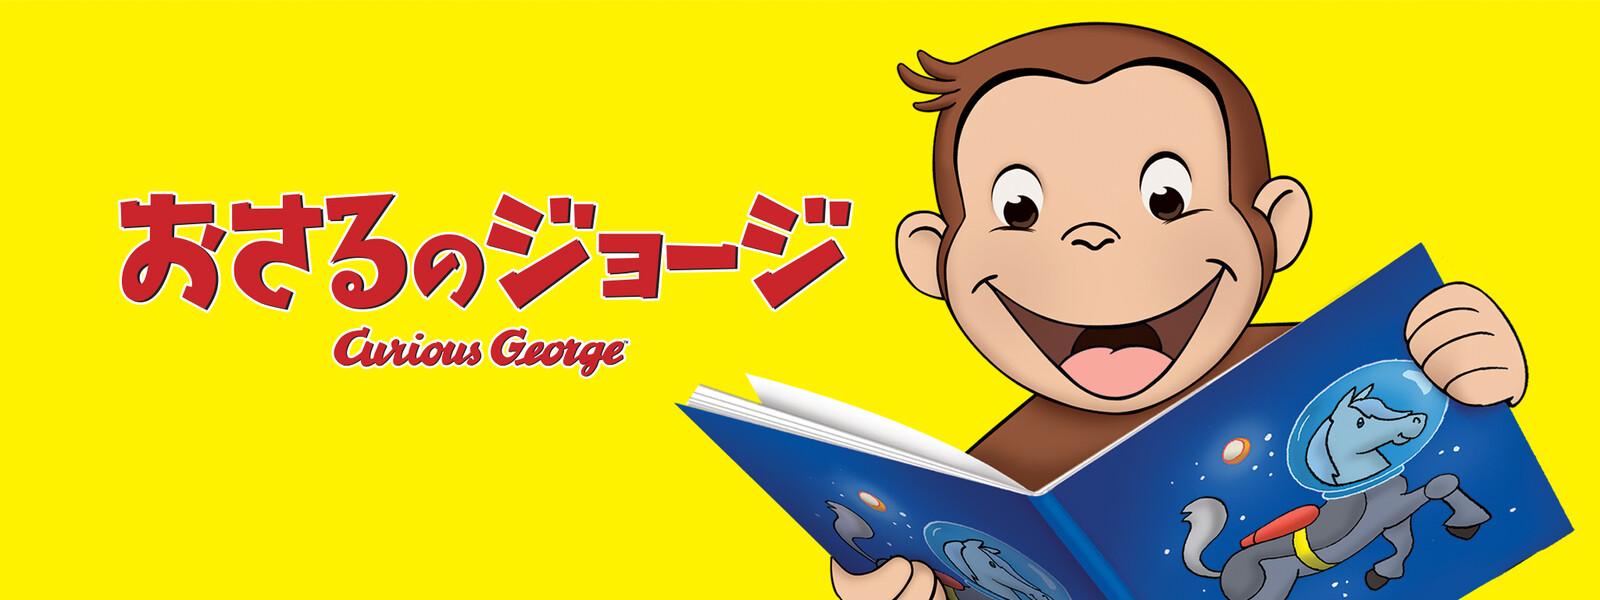 おさるのジョージの動画 - おさるのジョージ シーズン5